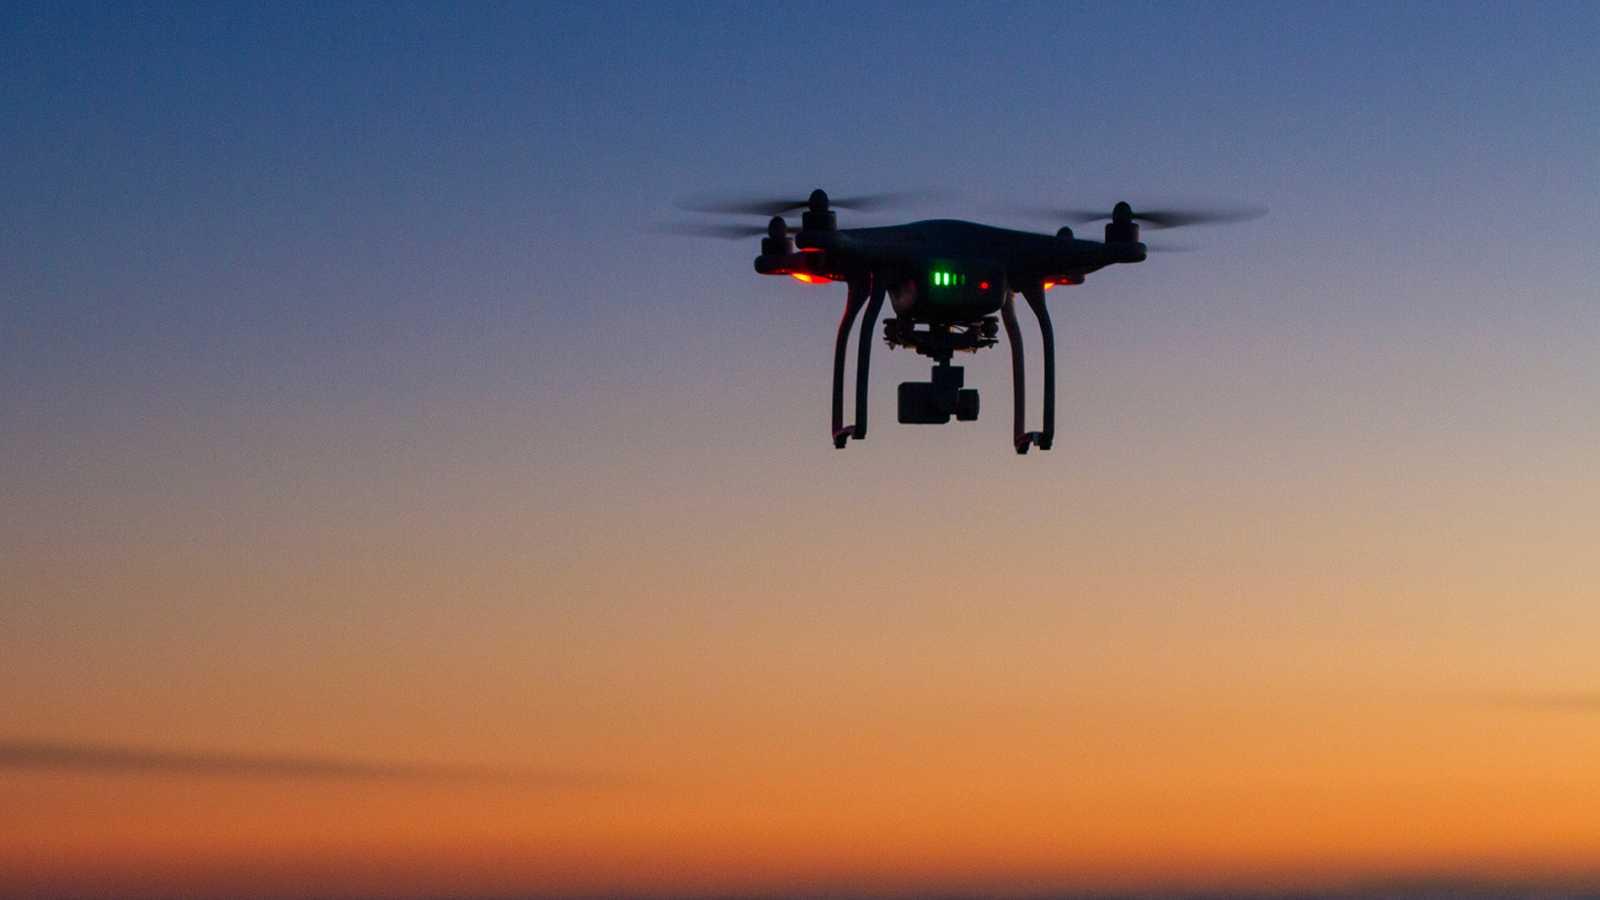 Los drones podrán sobrevolar poblaciones y aglomeraciones de personas